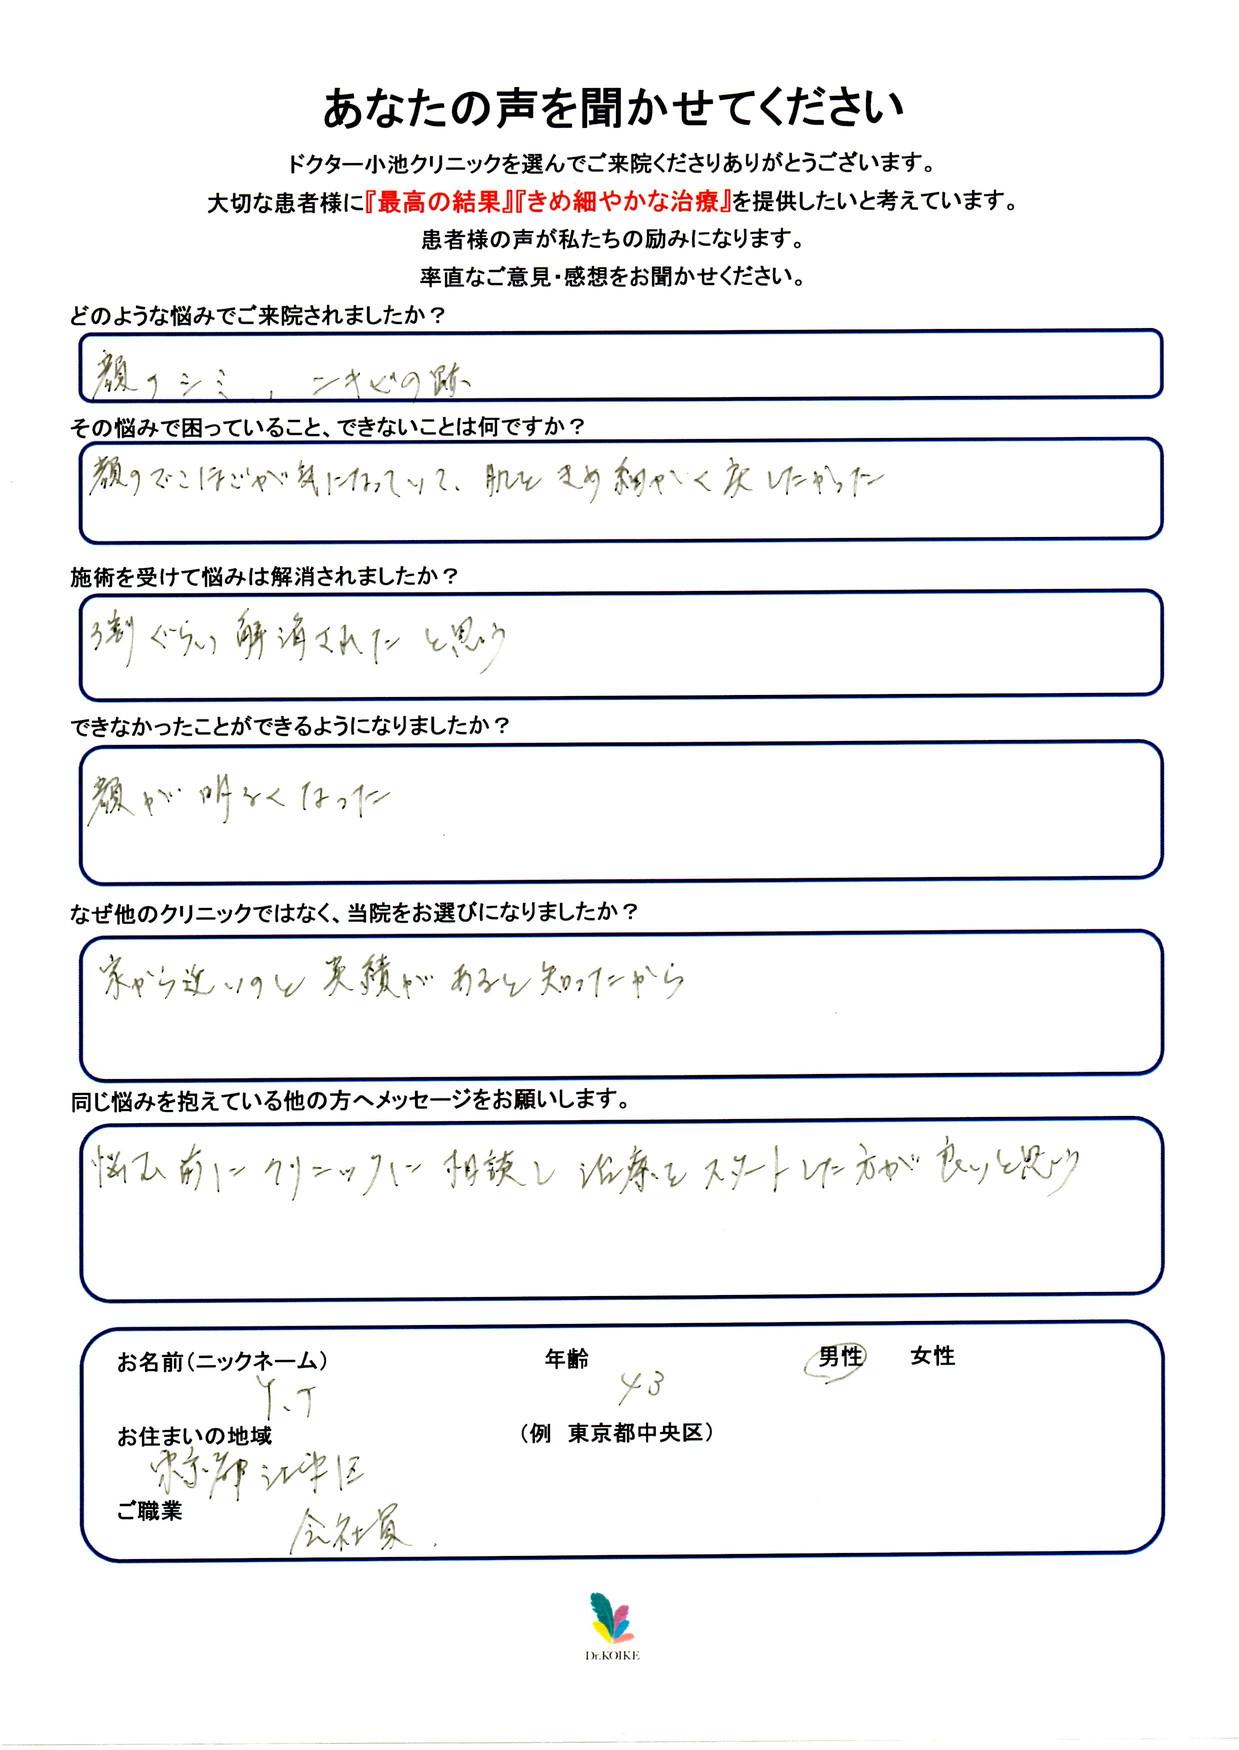 597. シミ・肝斑・ニキビ